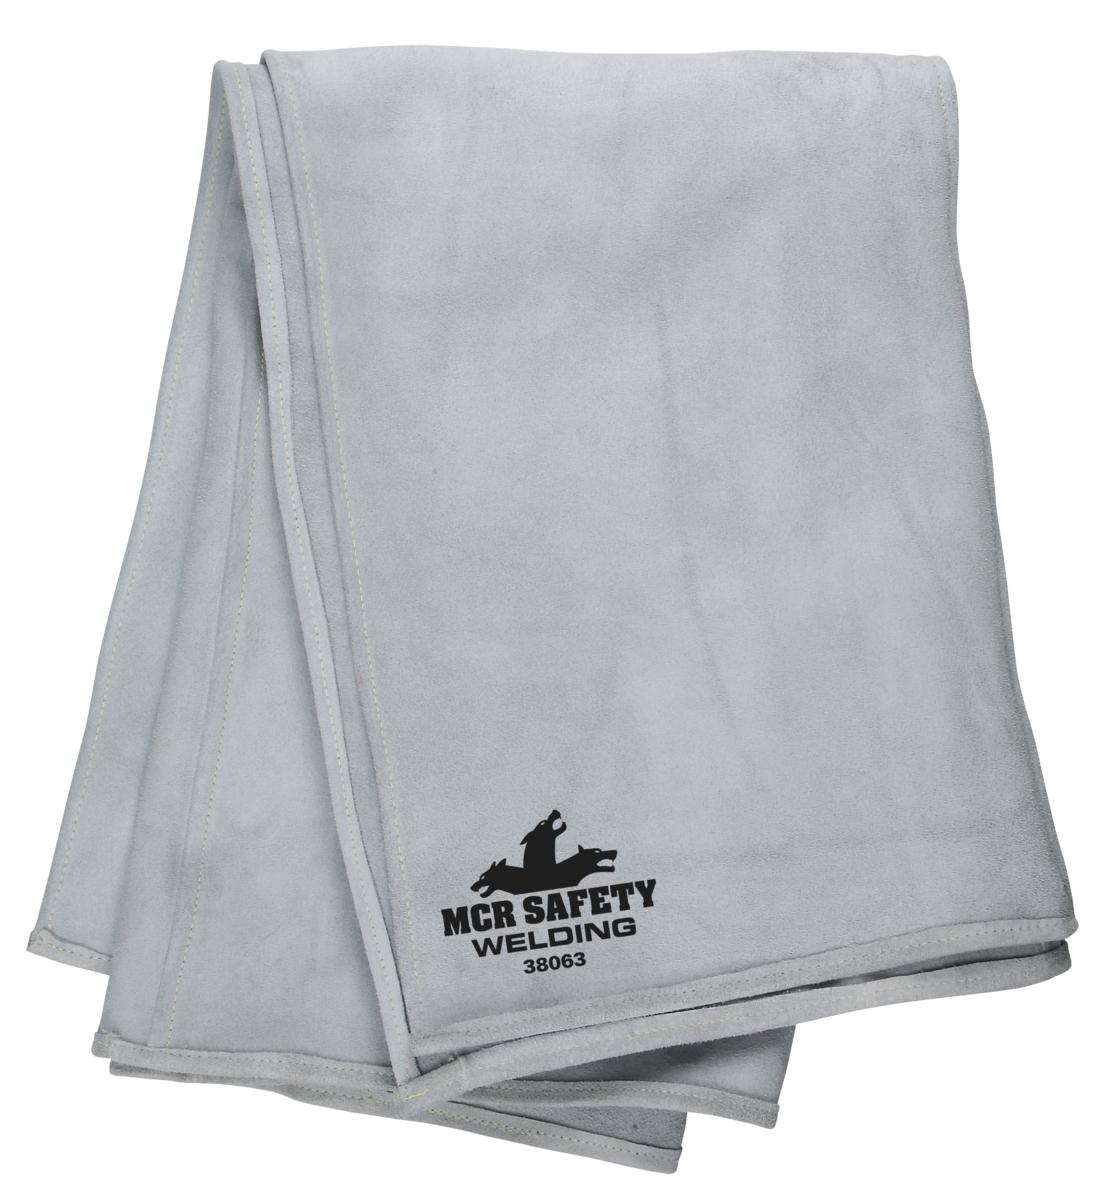 6-Feet by 3-Feet Gray MCR Safety 38063 Heavy Side-Split Leather Welding Blanket